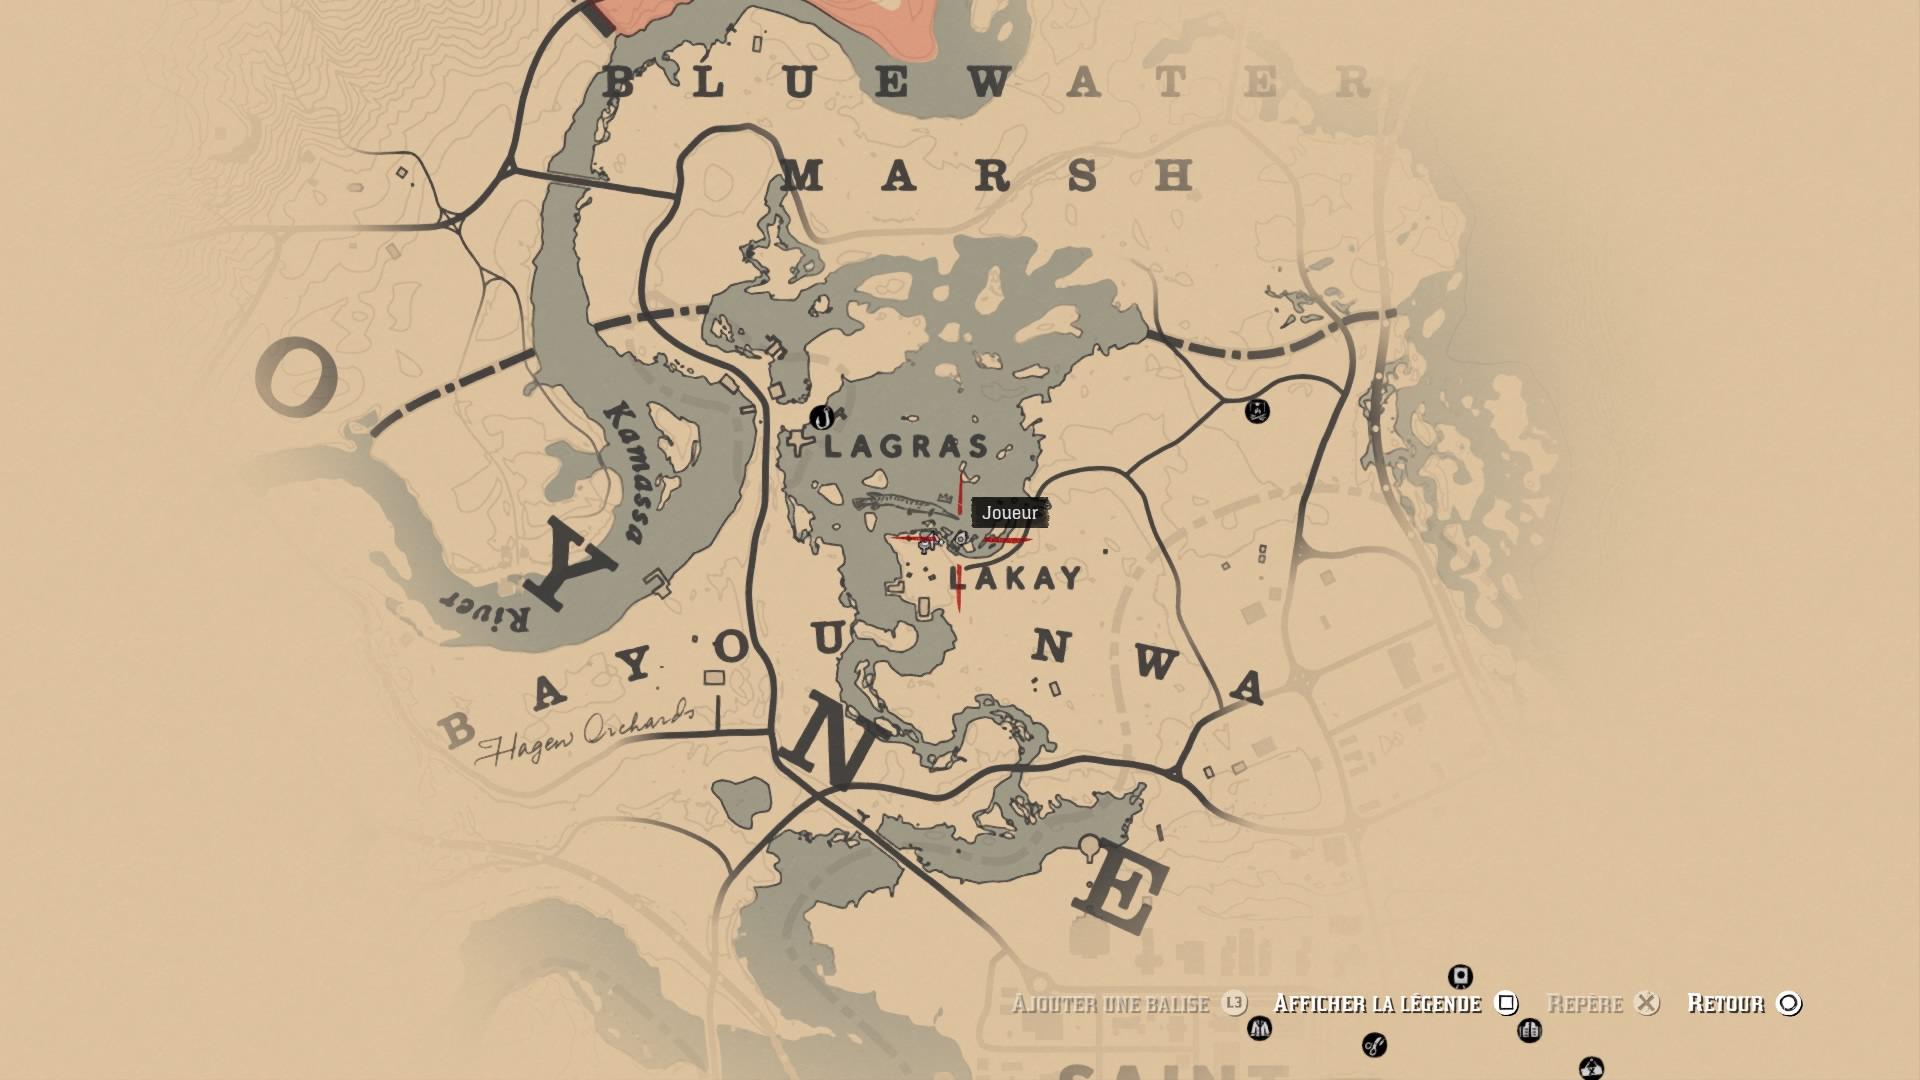 Carte Au Tresor Dechire.Soluce Red Dead Redemption 2 Les Objets Secrets Fr